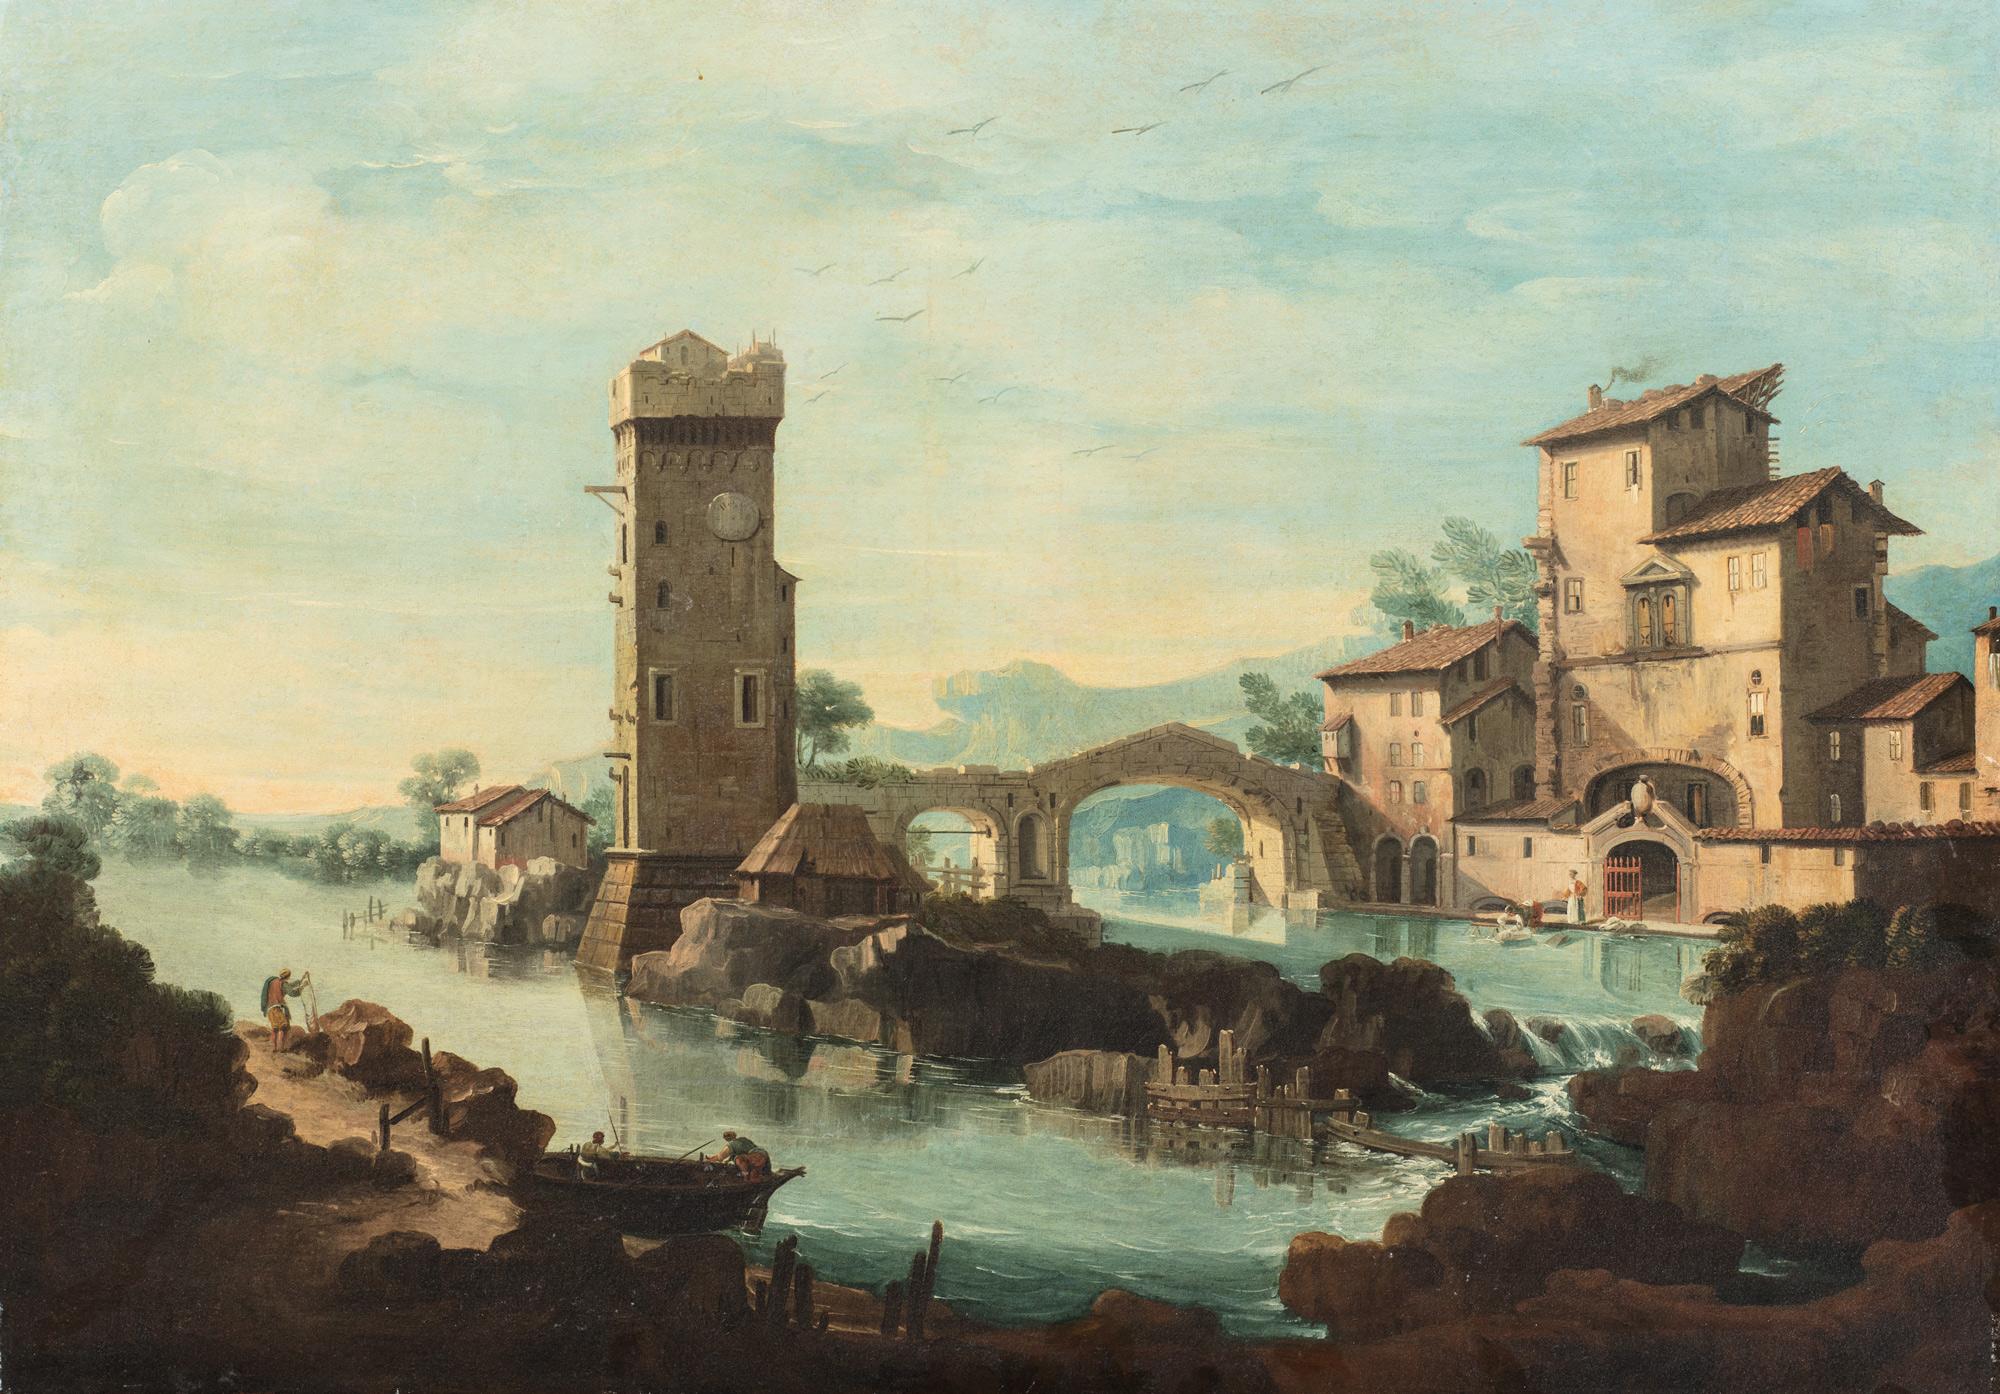 Paesaggio fluviale con caseggiato, torre e pescatori in riva